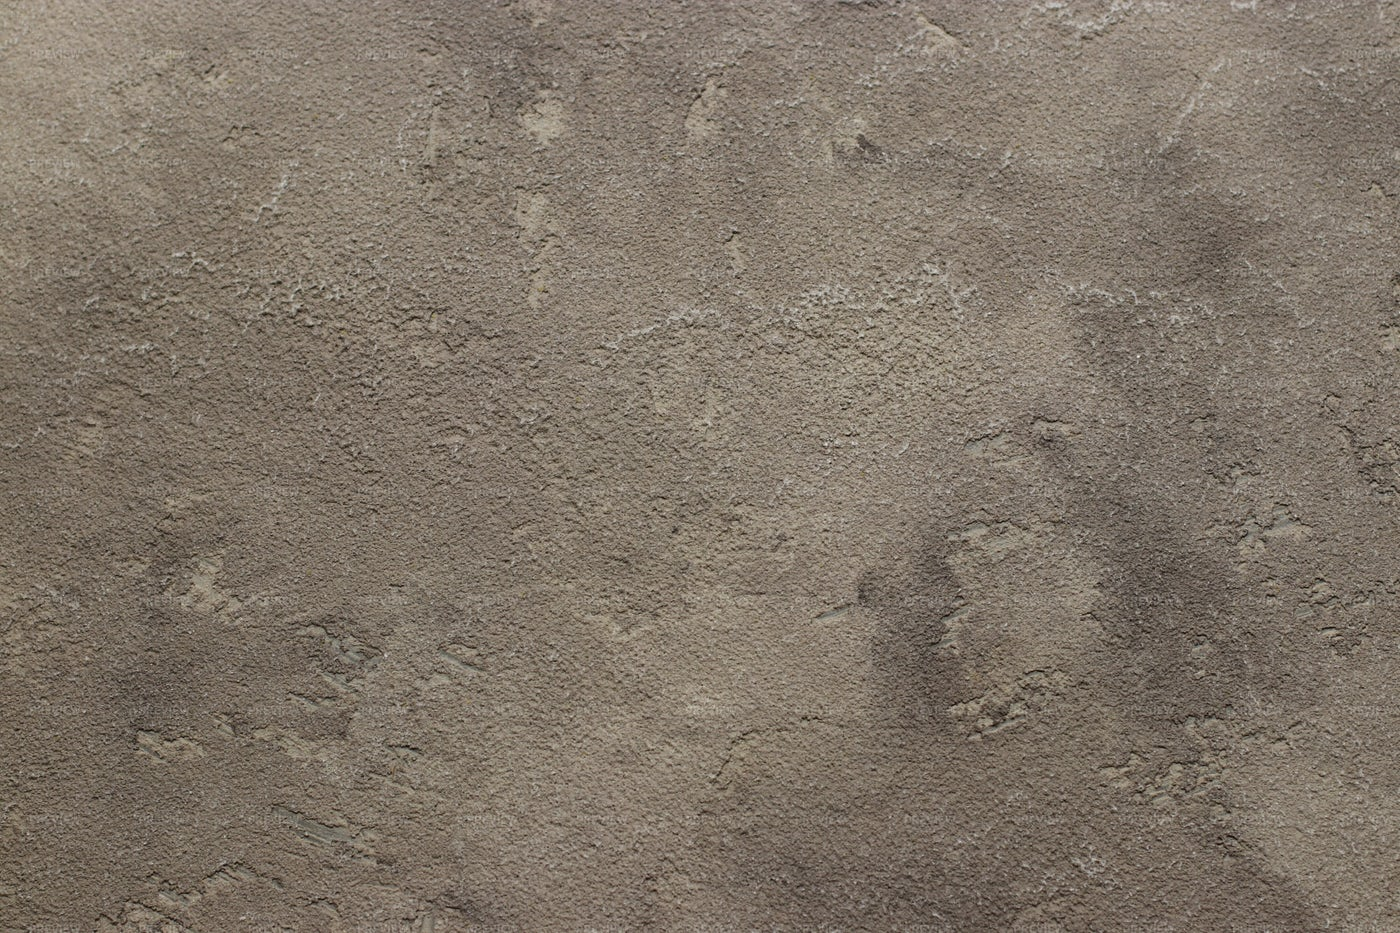 Grey Concrete Texture: Stock Photos